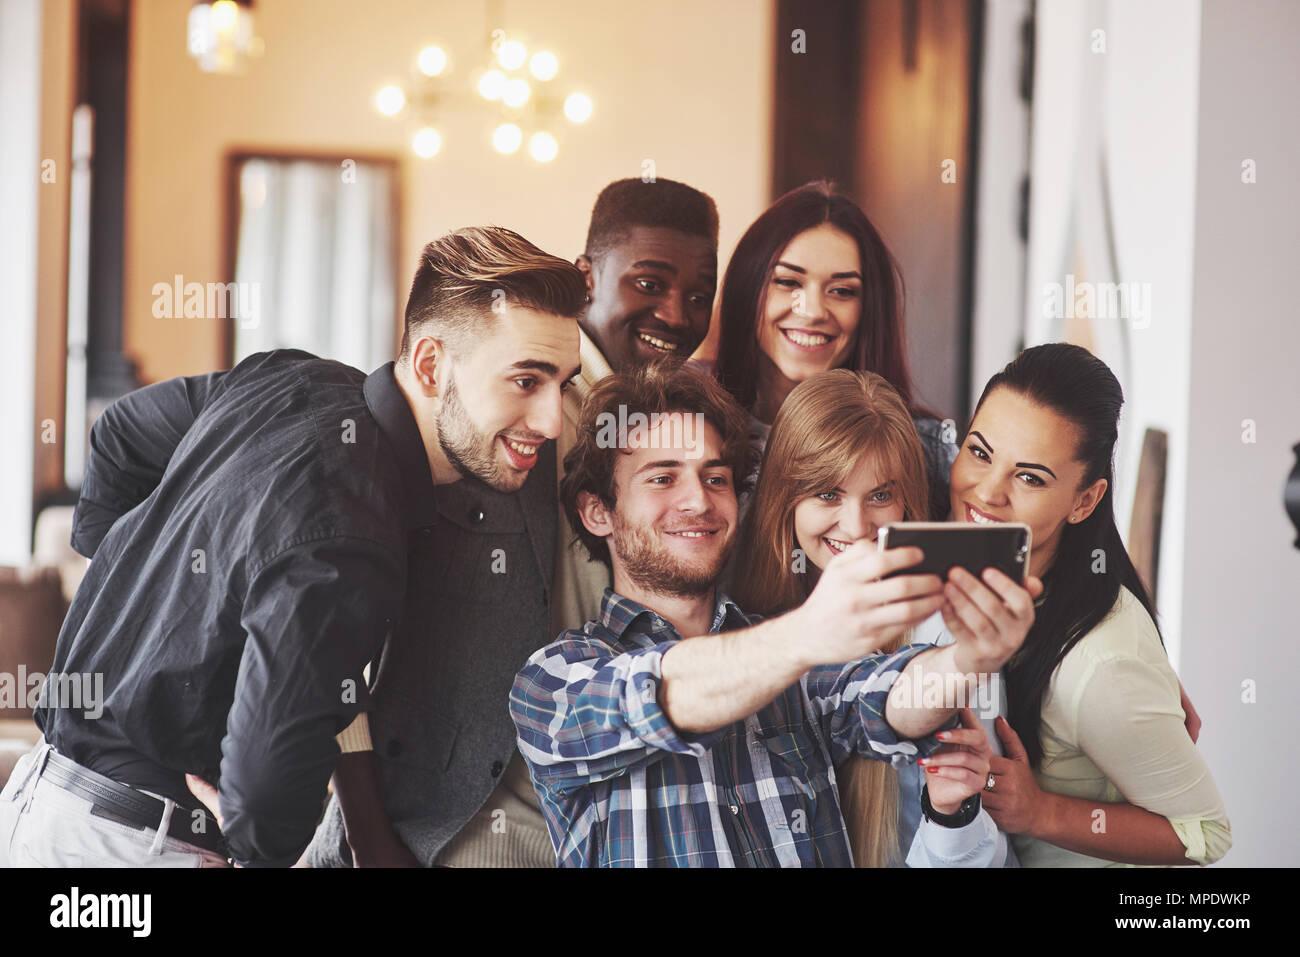 Multirazziale persone divertirsi presso il cafe prendendo un selfie con il telefono cellulare. Un gruppo di giovani amici seduti al ristorante tenendo autoritratto con smart phone Foto Stock